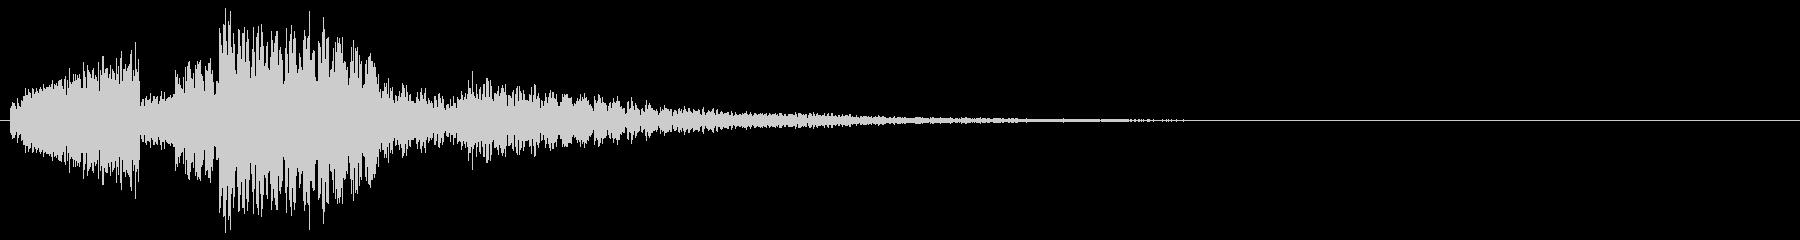 フッワワン(論題・題目・トピック音)の未再生の波形